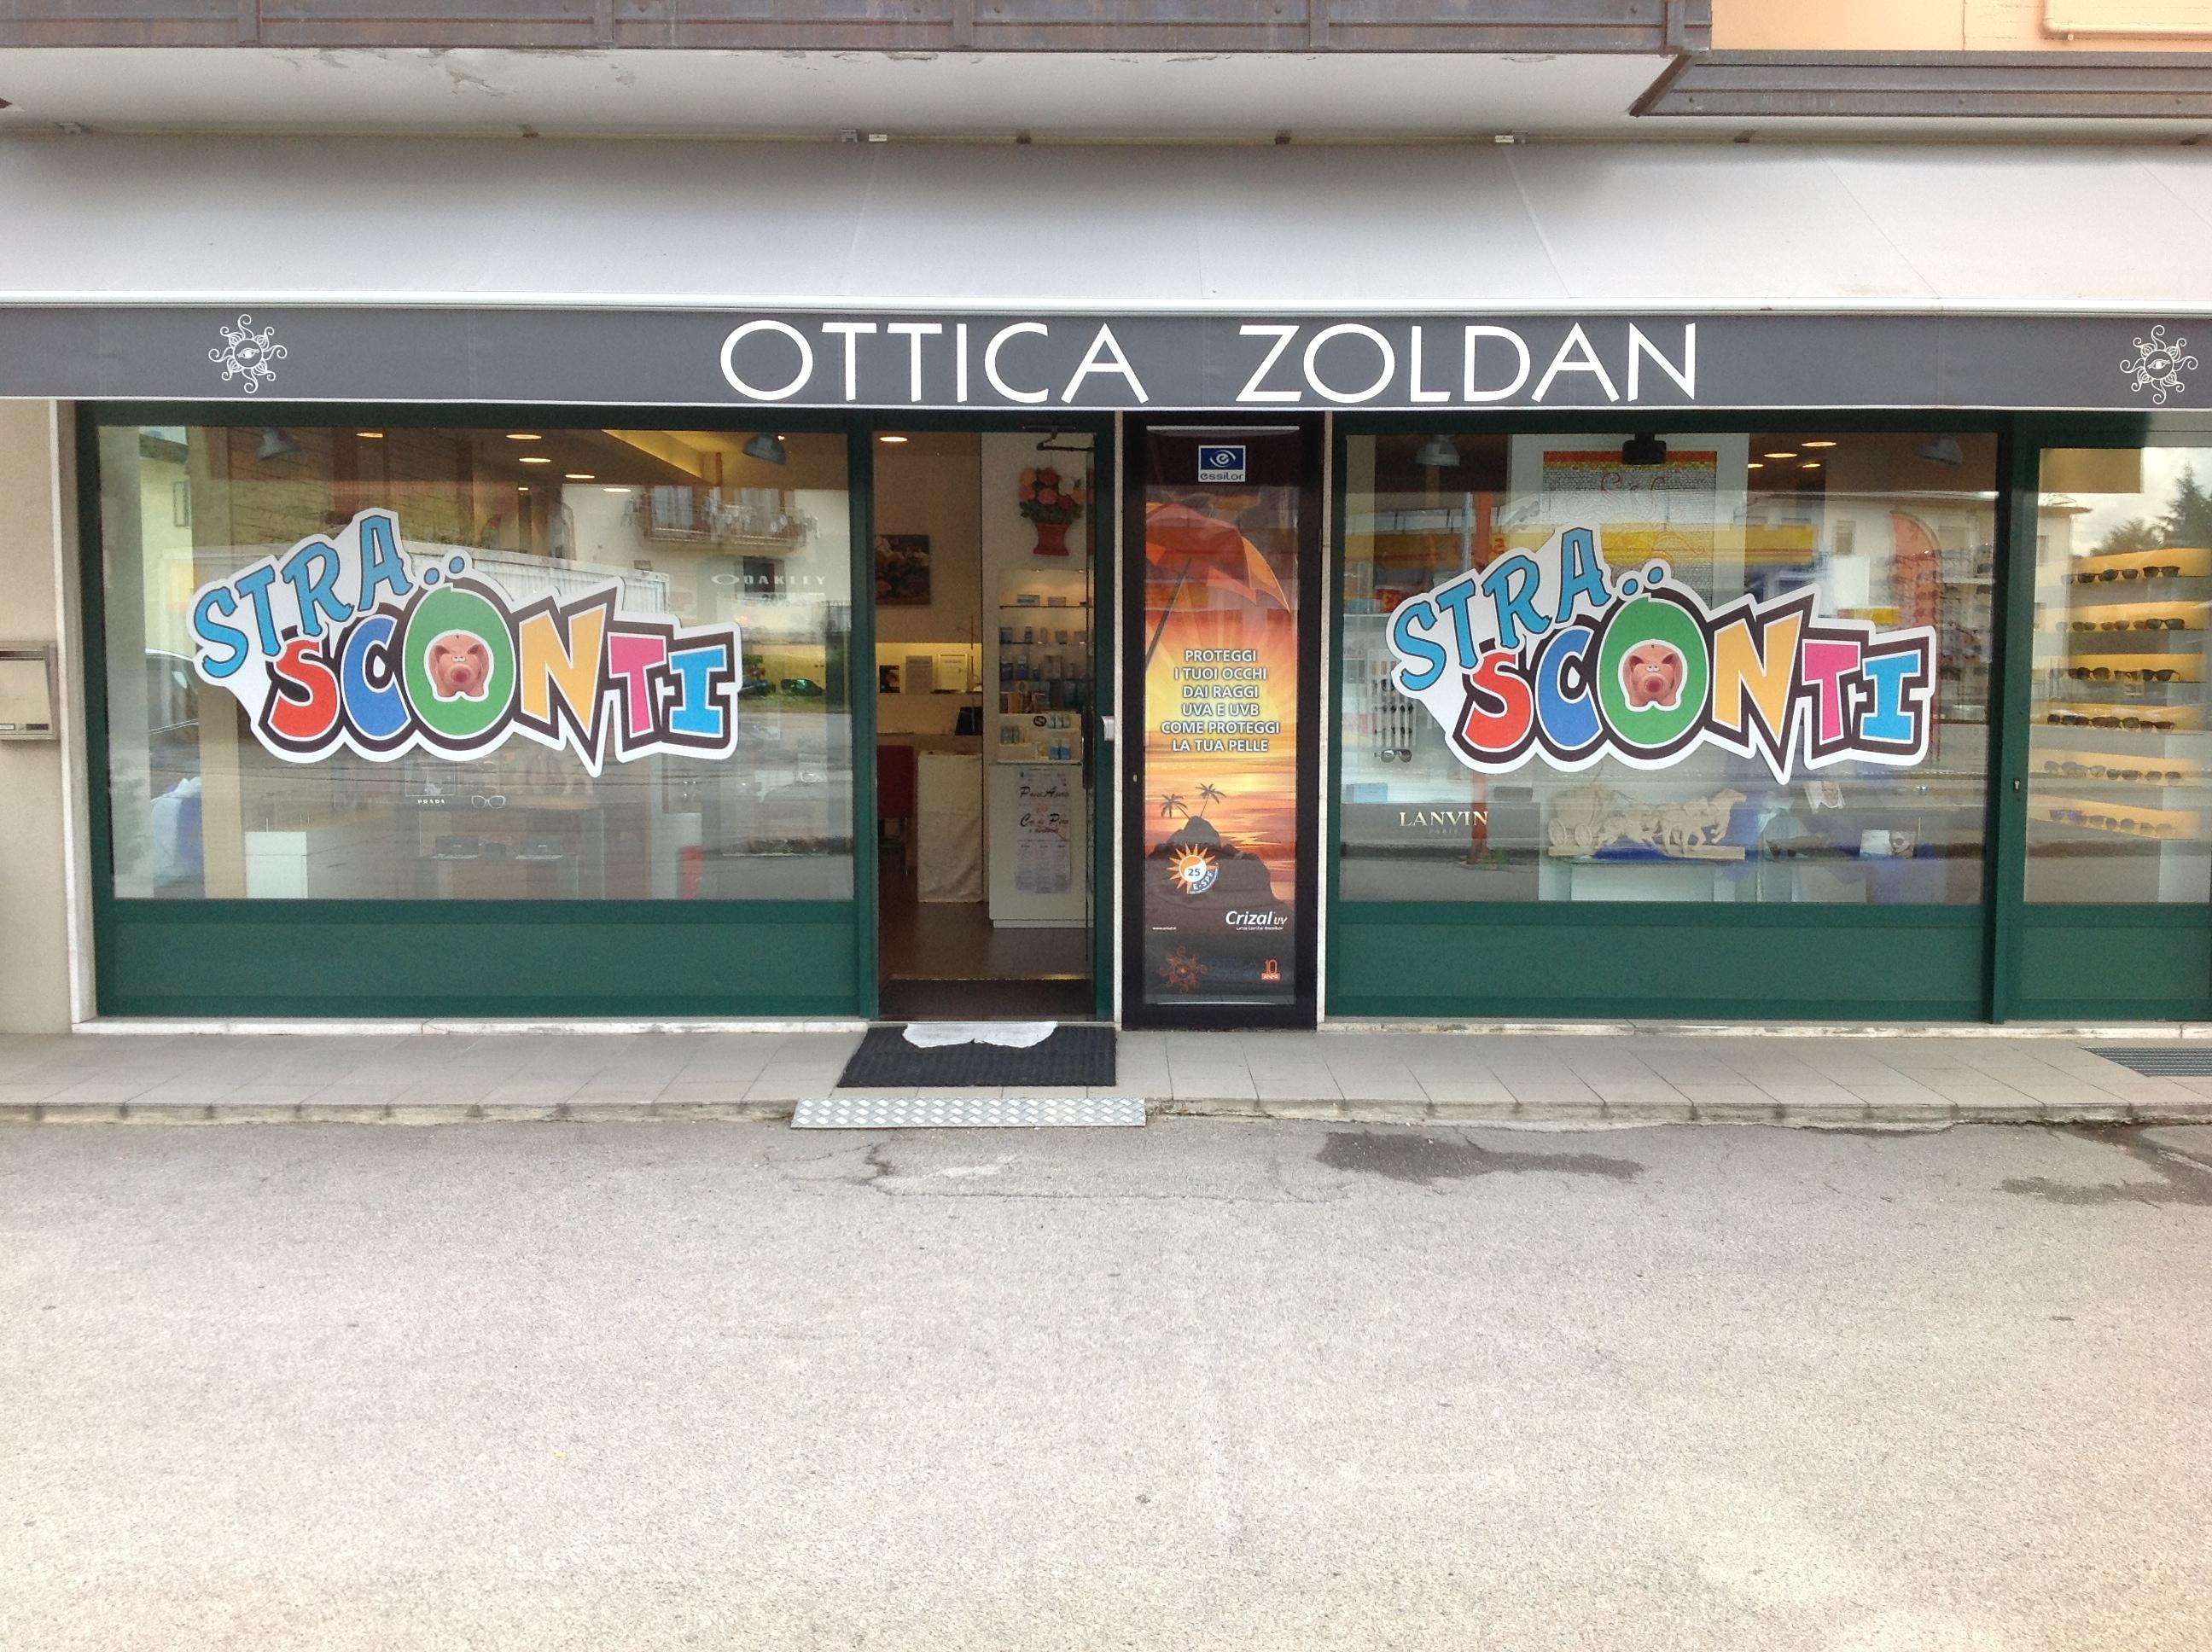 E' arrivata la formichina del risparmio da Ottica Zoldan! StraSconti dal 20 al 50% su tutti gli occhiali da sole fino a metà settembre! Ti aspettiamo!